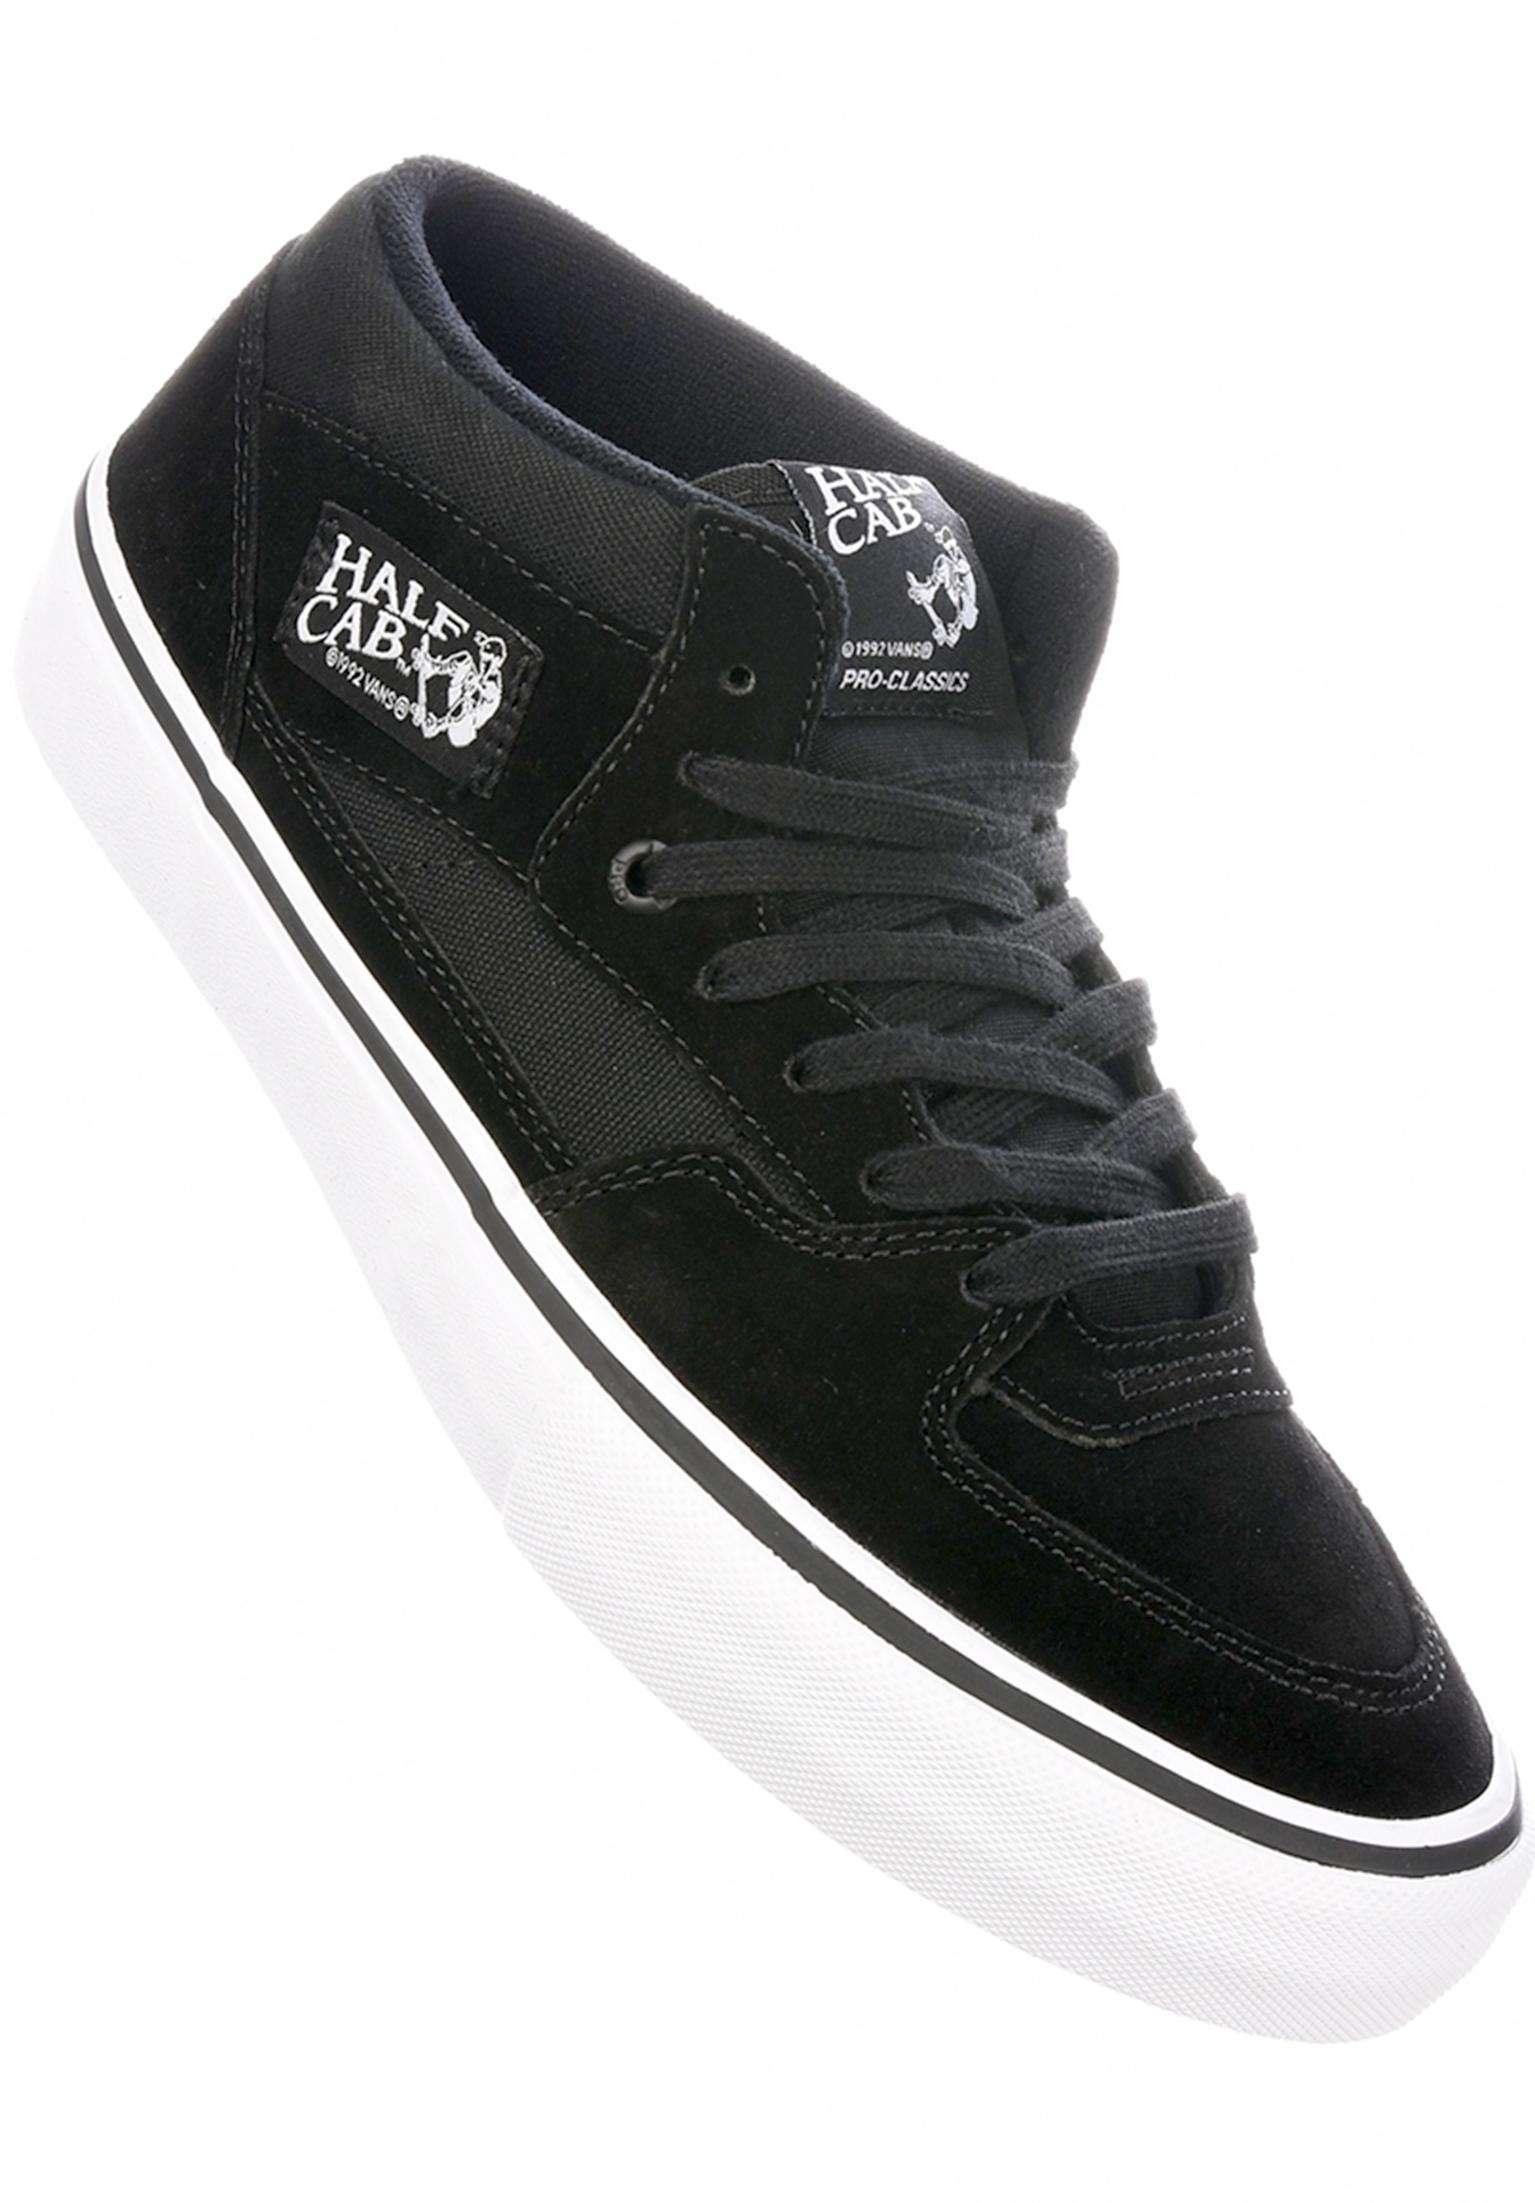 a6c78fe269 Half Cab Pro Vans All Shoes in black-black-white for Men